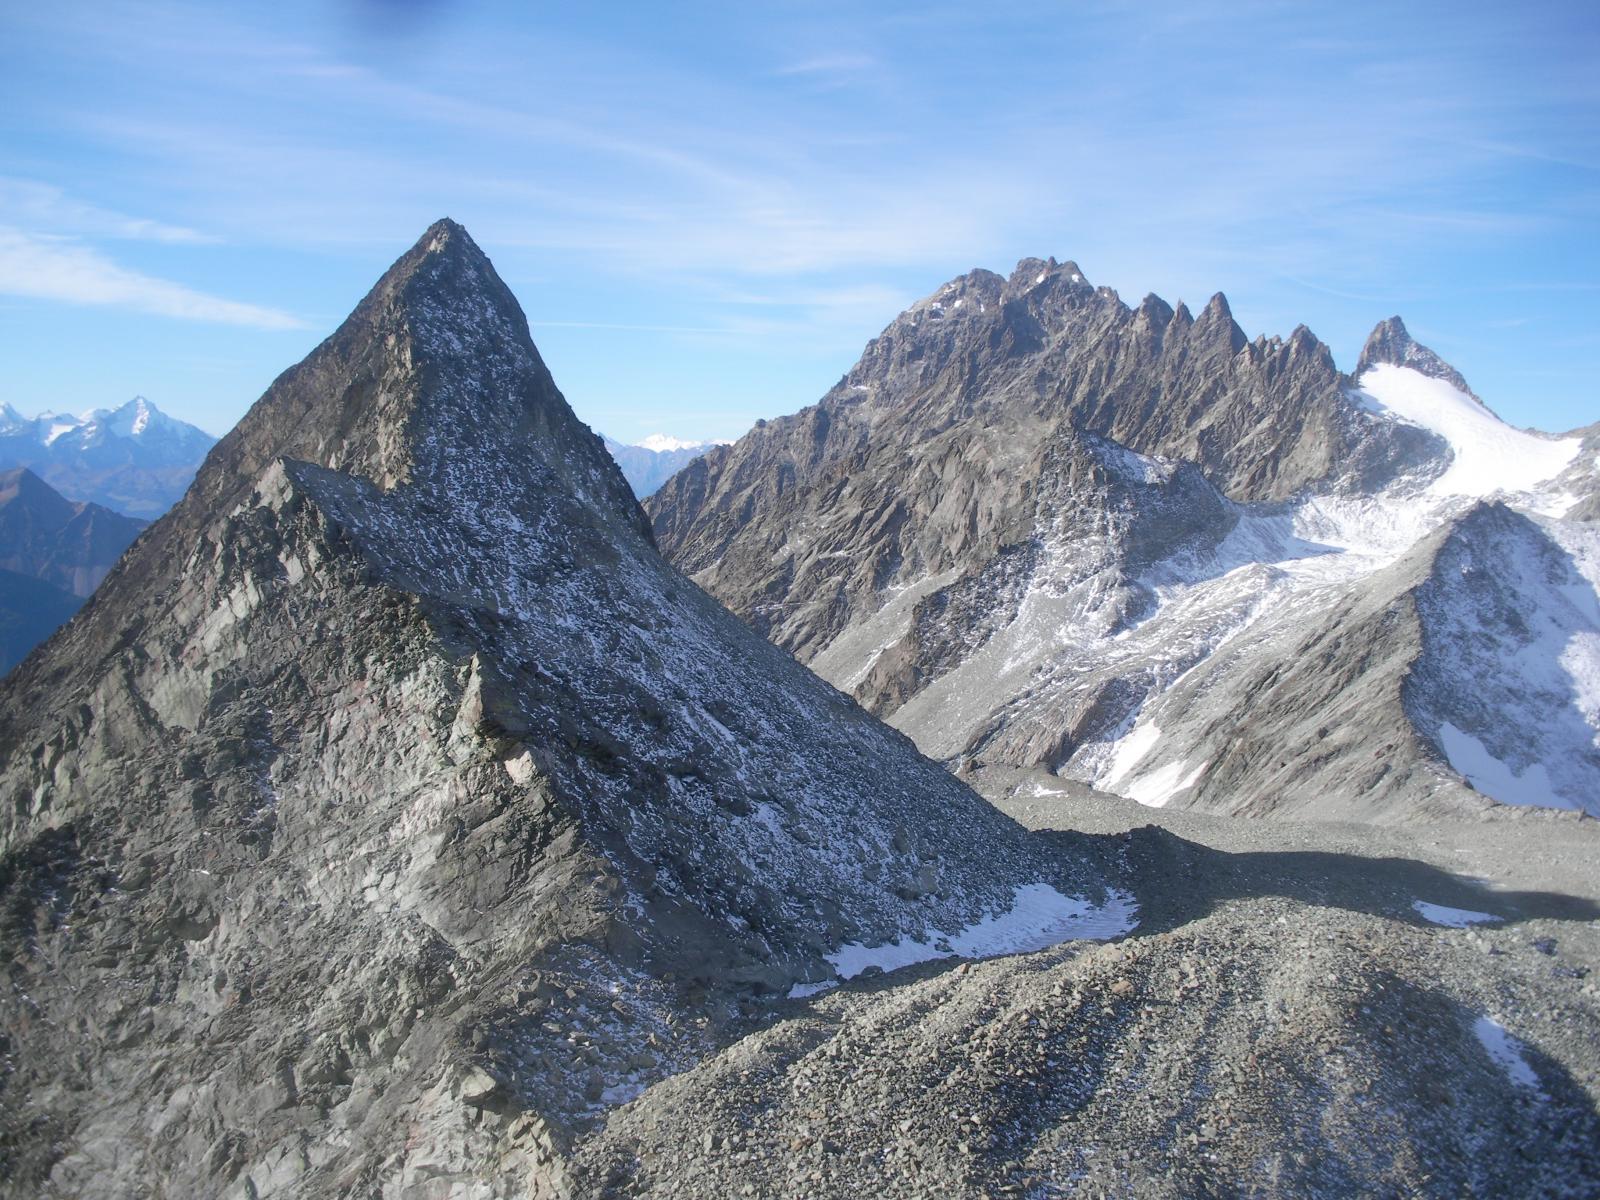 la svelta piramide del Berlon..con a dx la catena del Morion dalla cresta di salita..